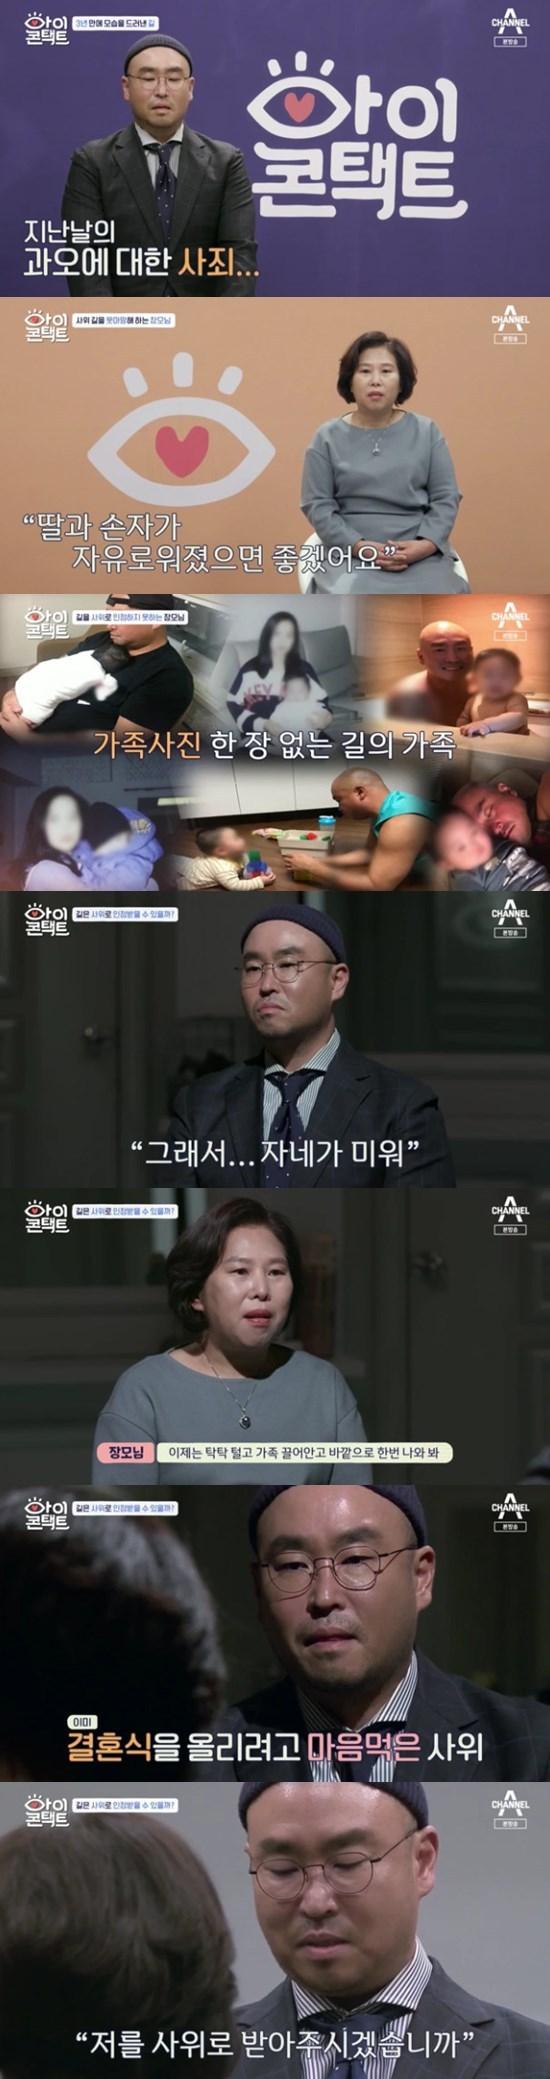 '아이콘택트' 길, 장모에게 사죄…결혼식 마음 먹었다(종합)